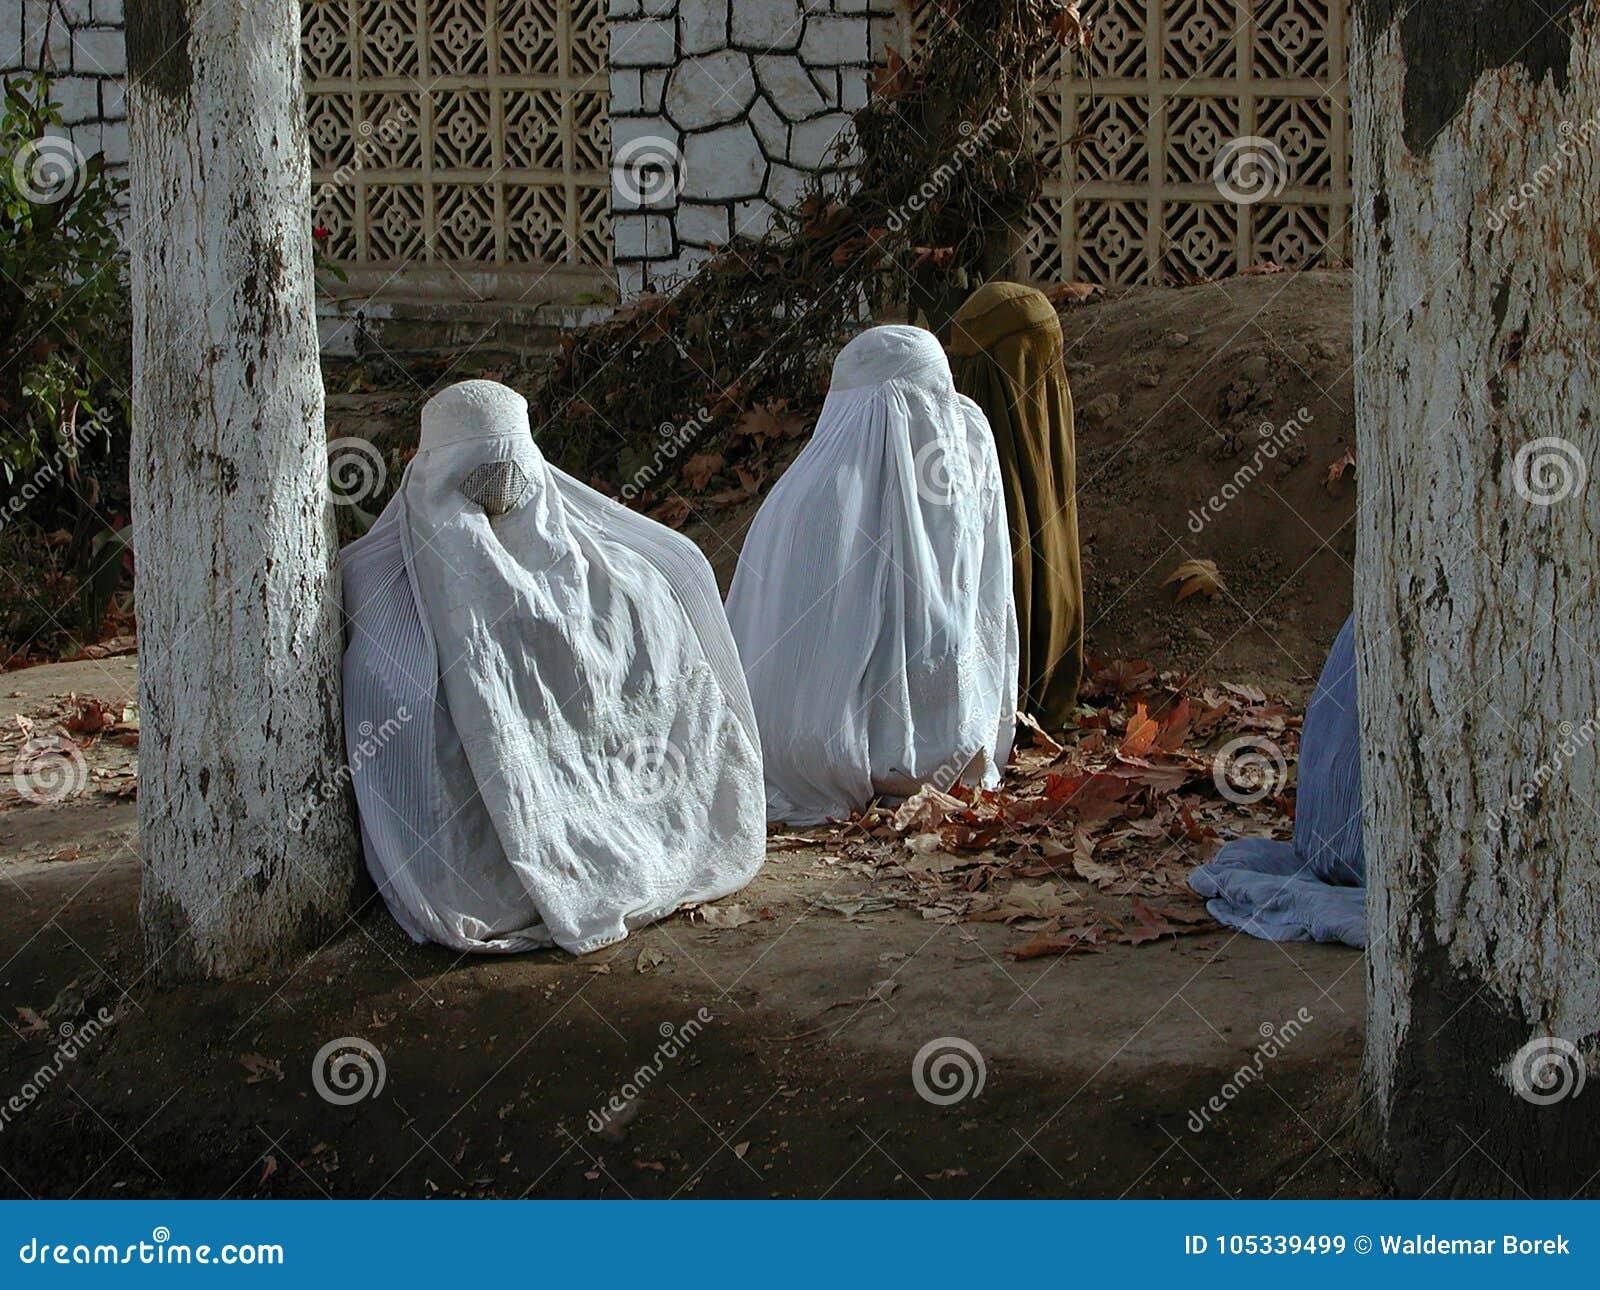 TRADICIÓN DEL ISLAM DE LAS MUJERES BURQA AFGANISTÁN